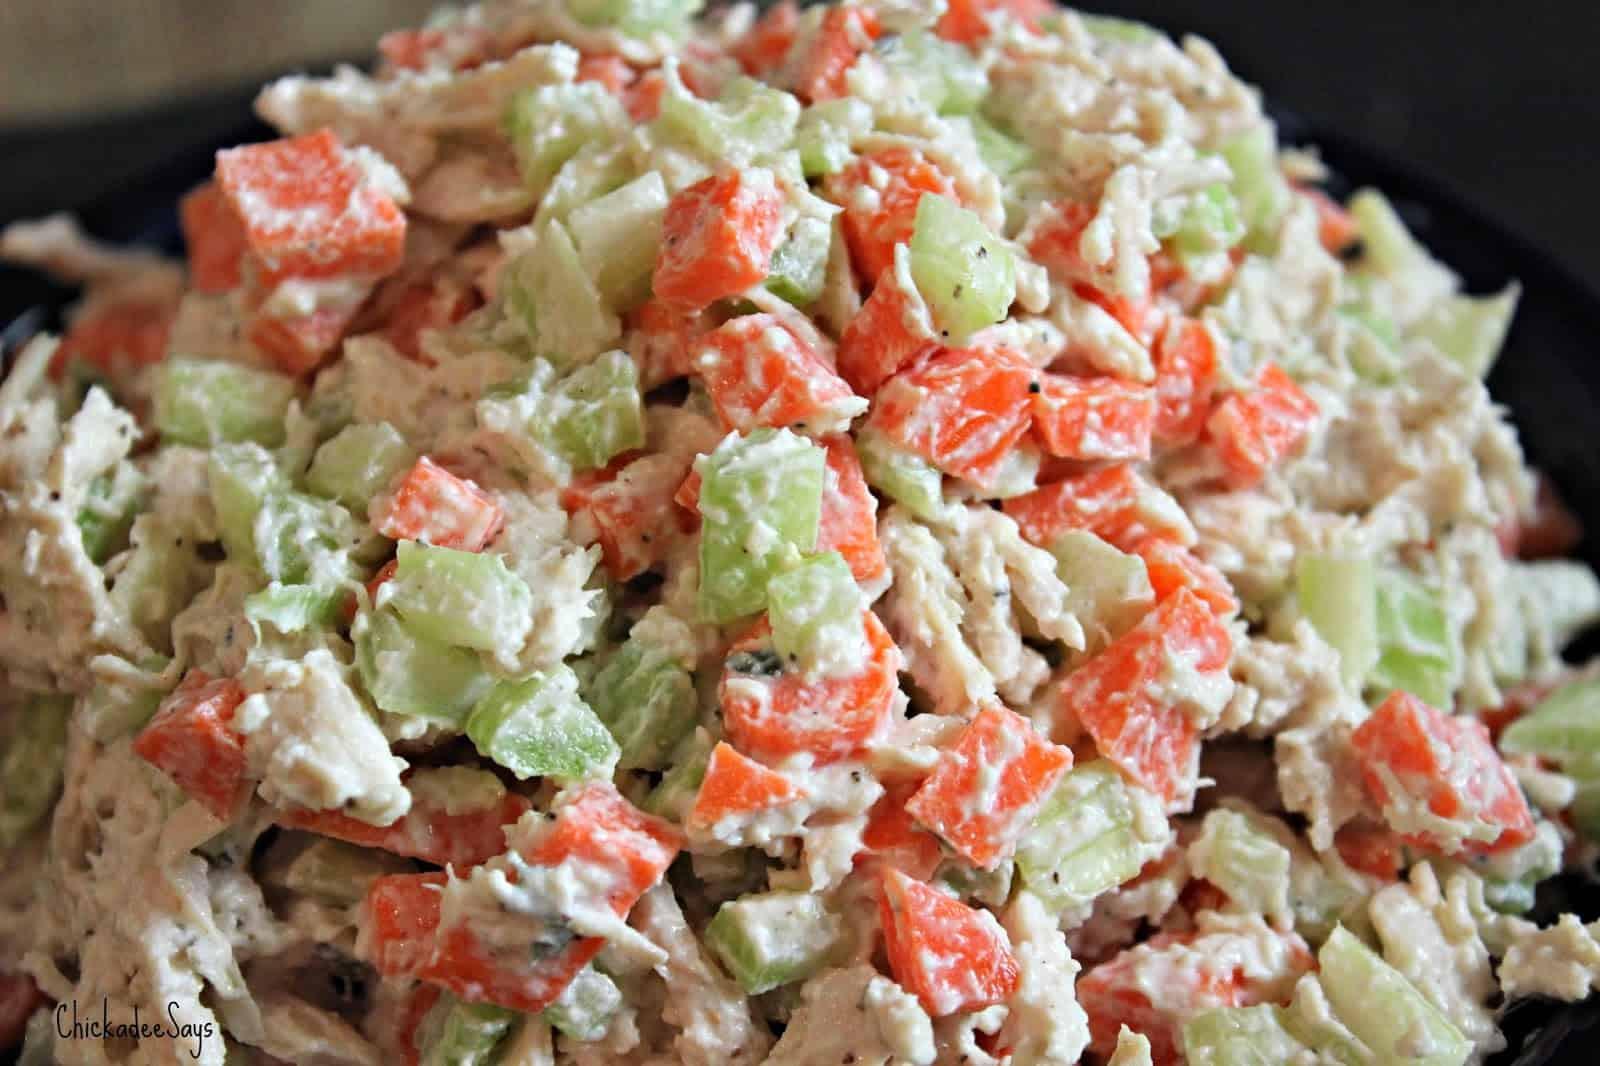 Healthy Chicken Salad Recipe No Mayo  Healthy Chicken Salad No Mayonnaise